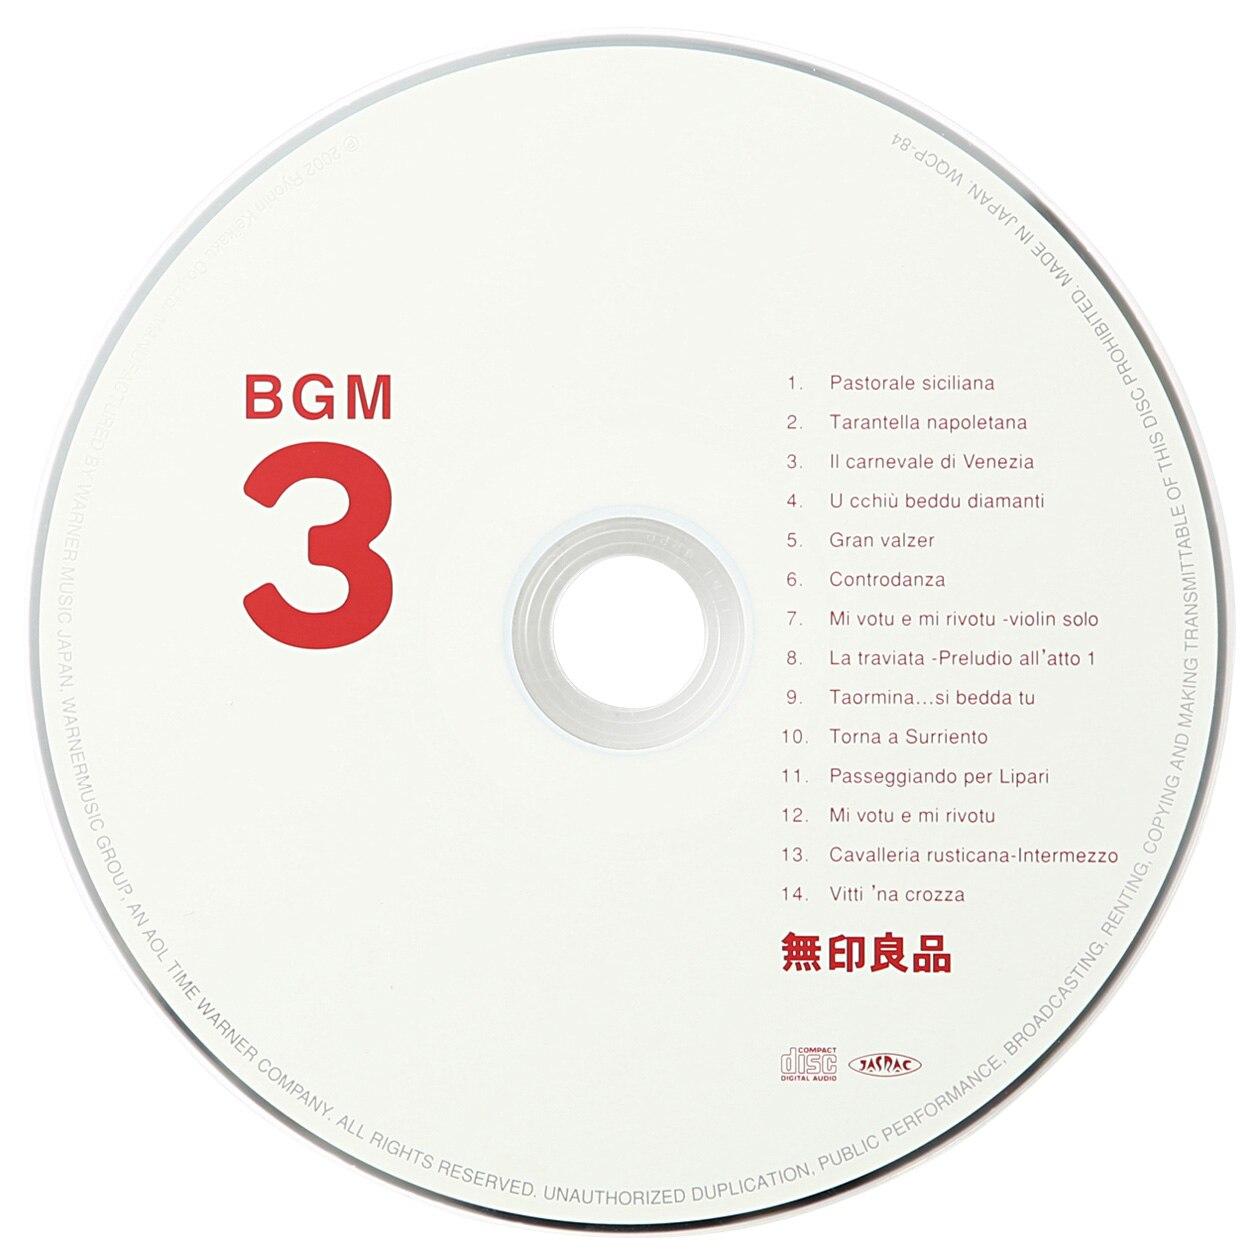 BGM12 Paris コンビニ受取可